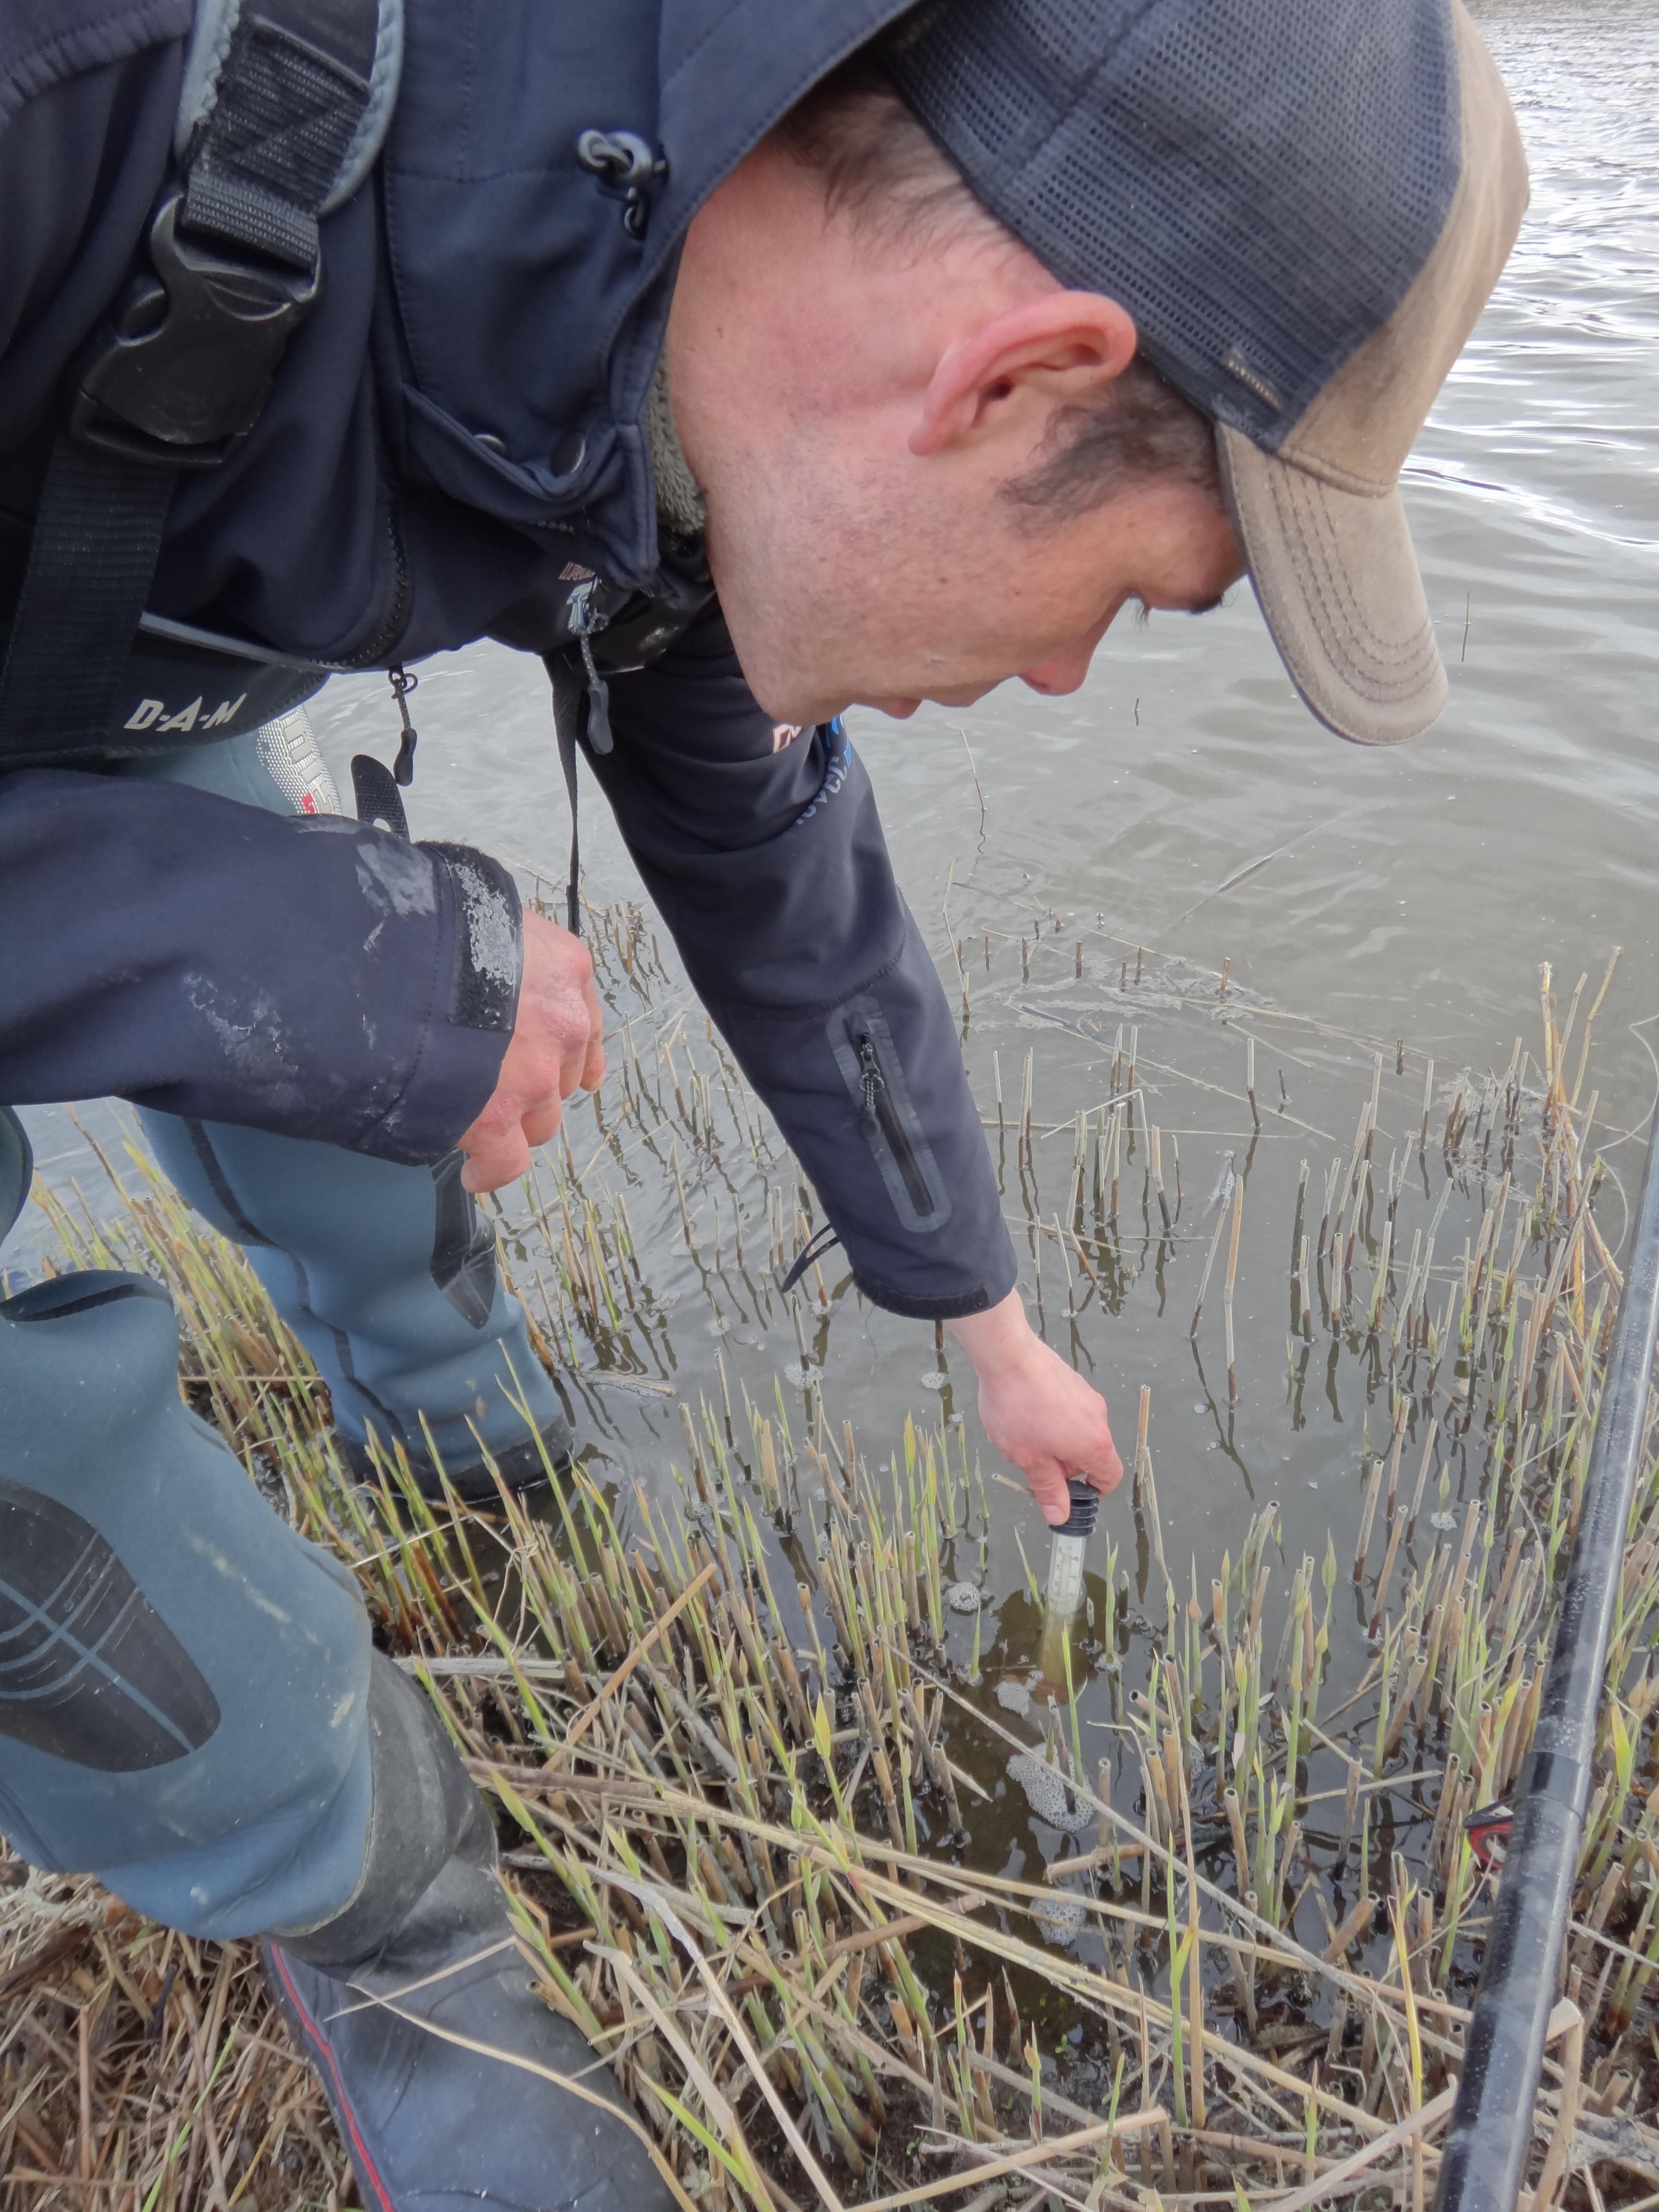 Wenn das Wasser eine Temperatur von 10 Grad Celsius erreicht hat, lohnt sich das Aalangeln. Mit einem Thermometer kann man dies schnell überprüfen. Foto: S. Kaufmann